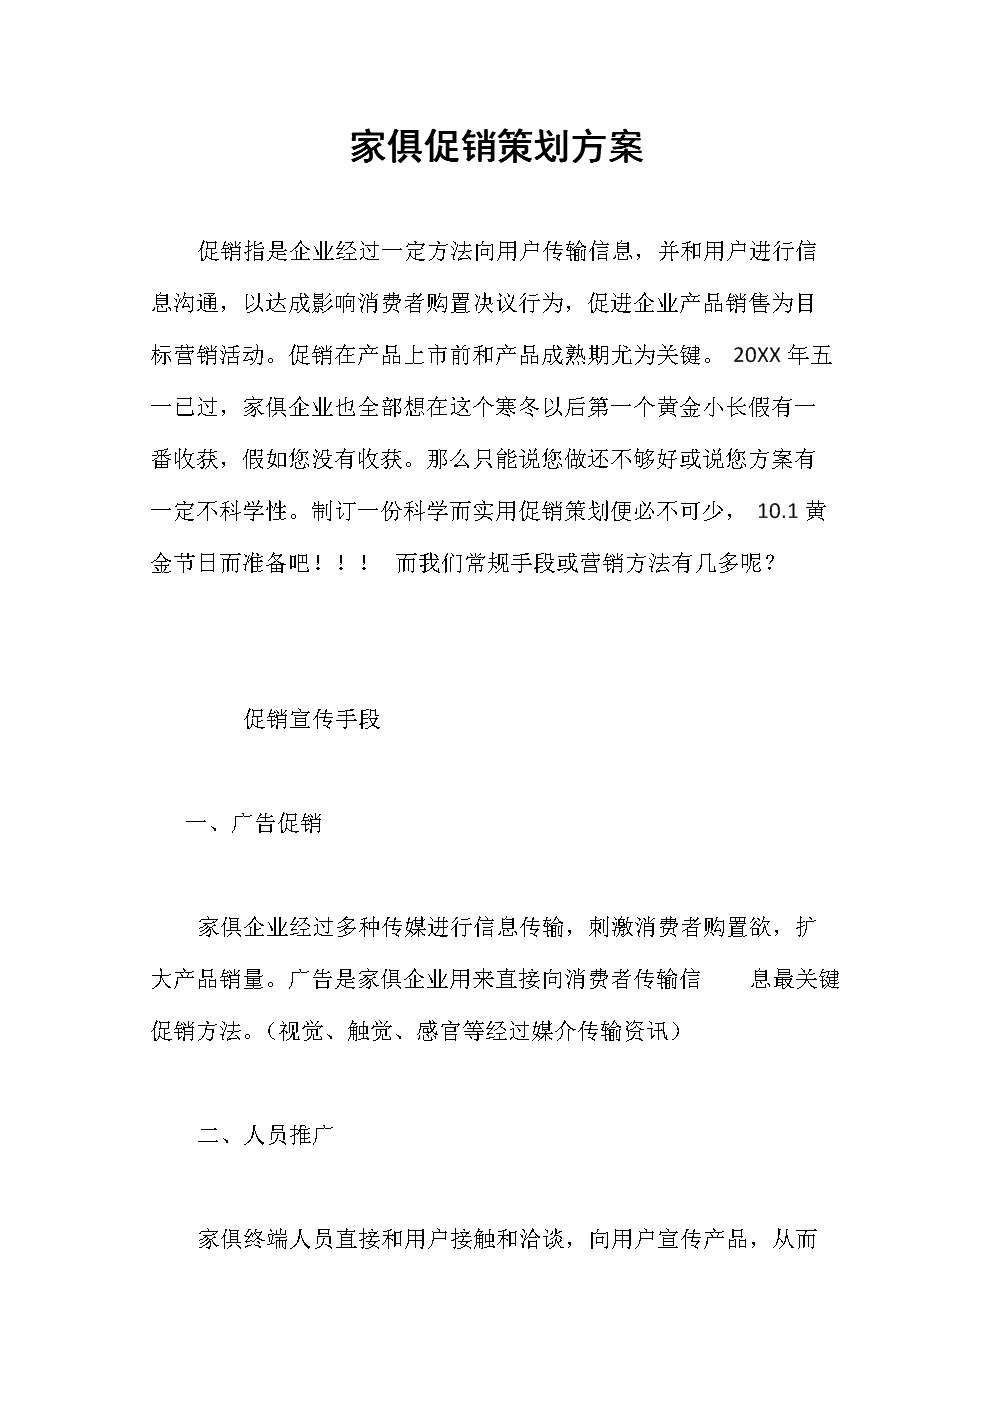 家具促销专题计划专题方案.doc